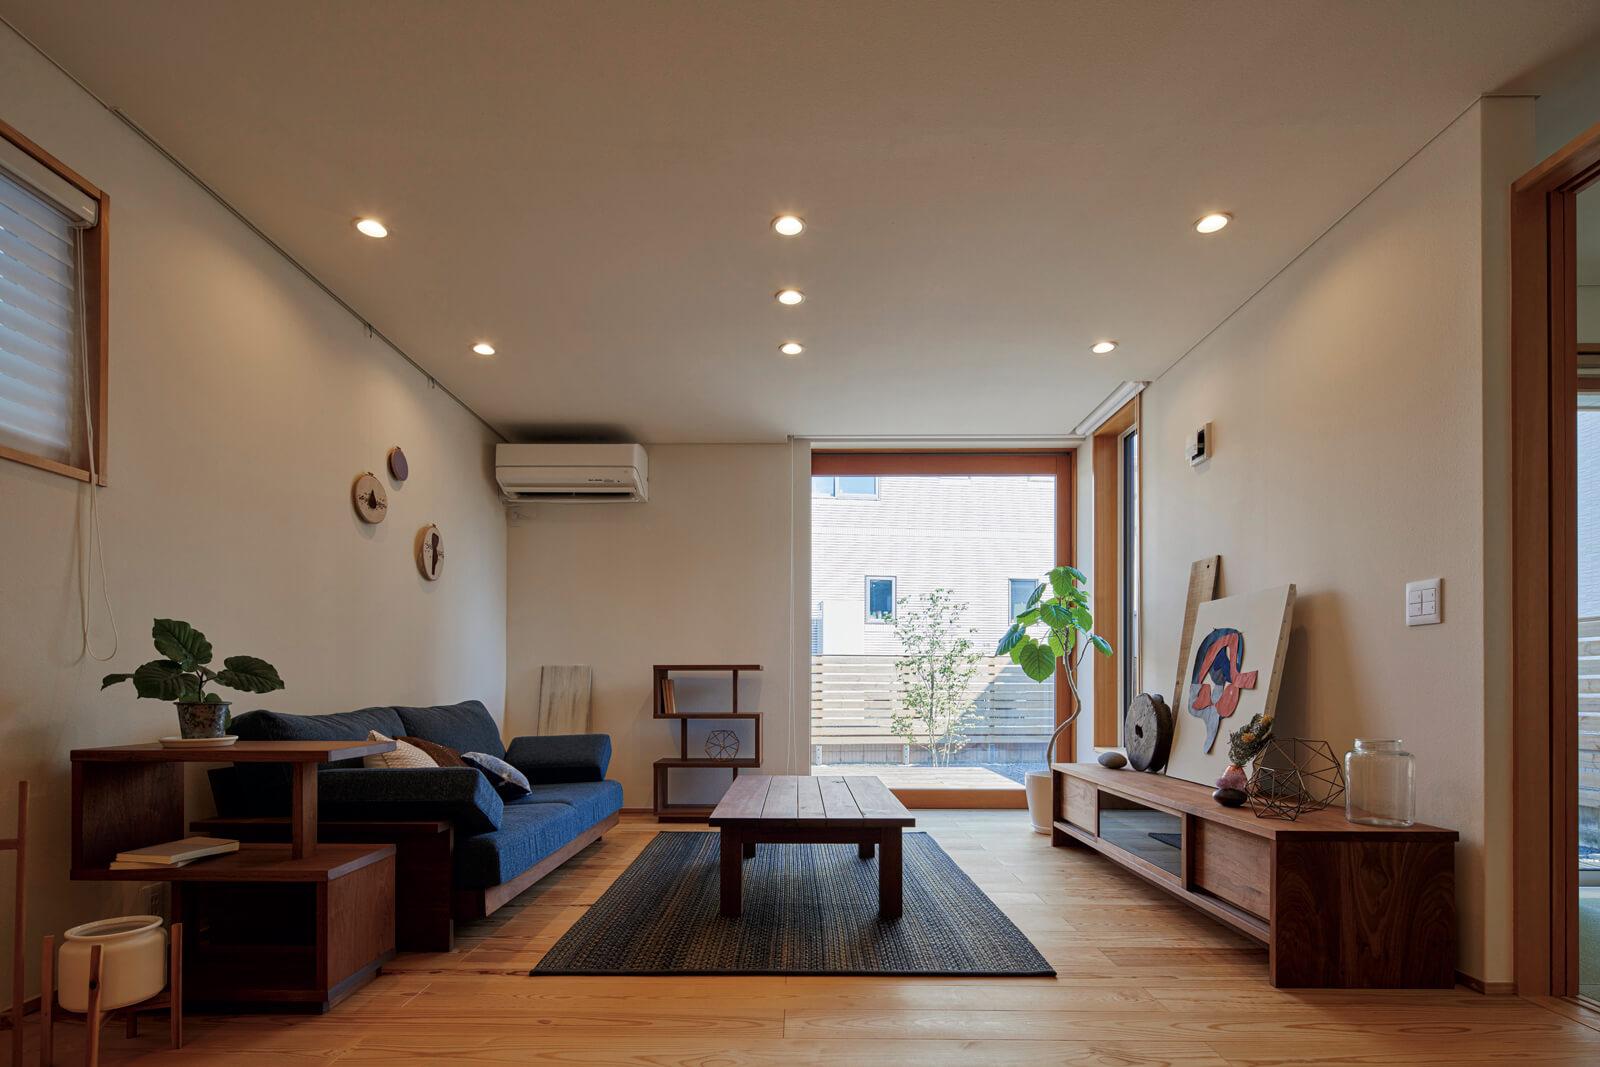 広々としたリビング。窓の大きさや配置、色味の取り入れ方など、計算された美しさを感じる空間